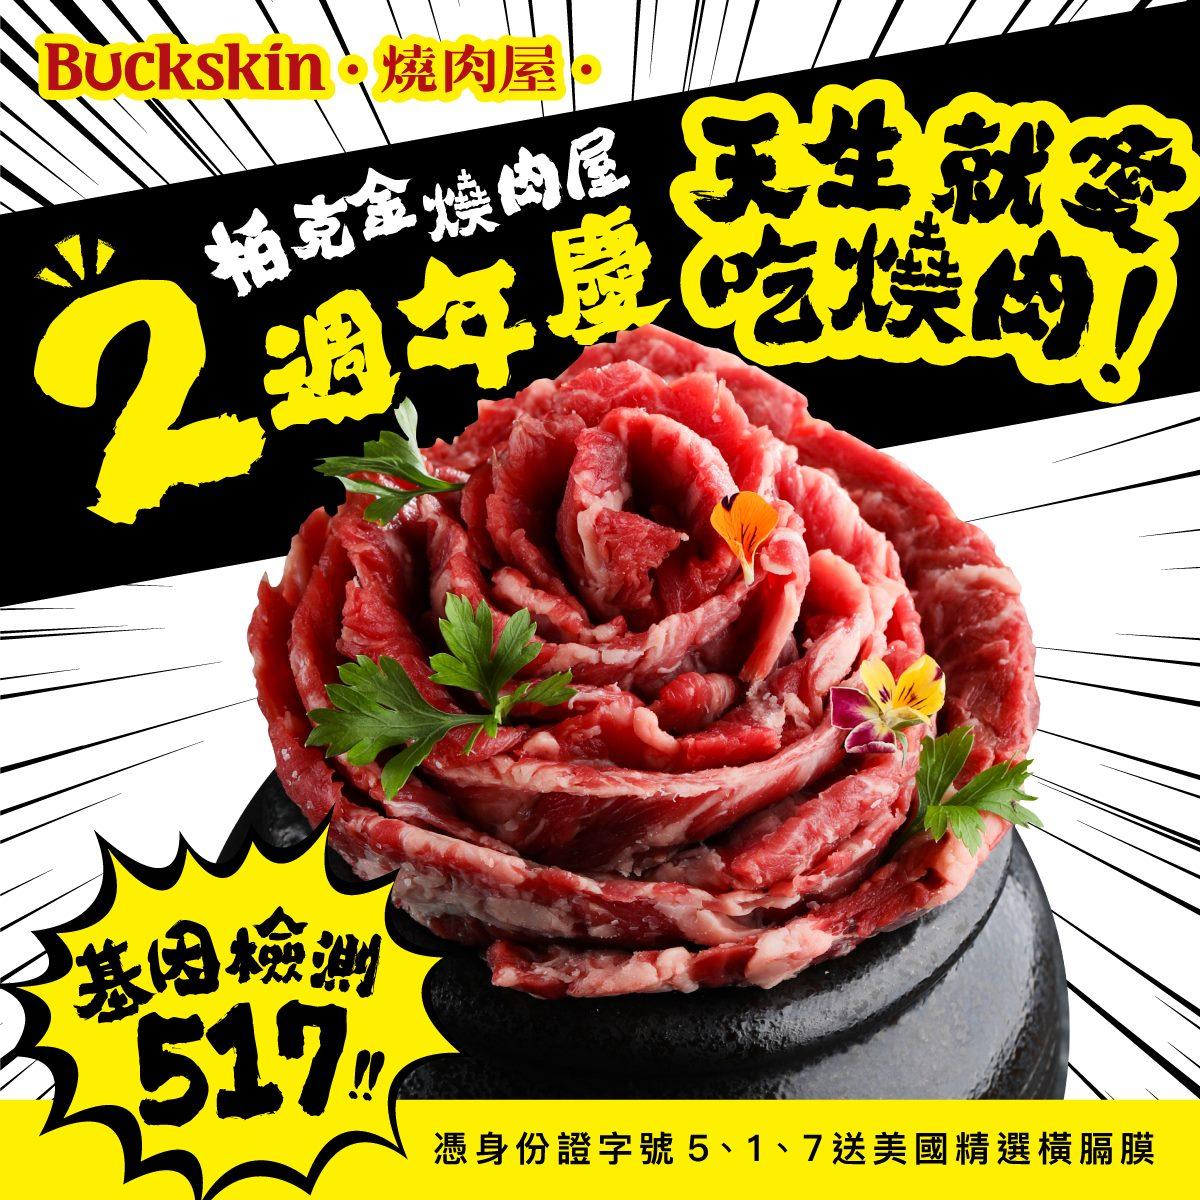 1個月免費吃肉!對中身分證「5、1、7」燒肉餐廳免費送「橫膈膜」,最多送上500克